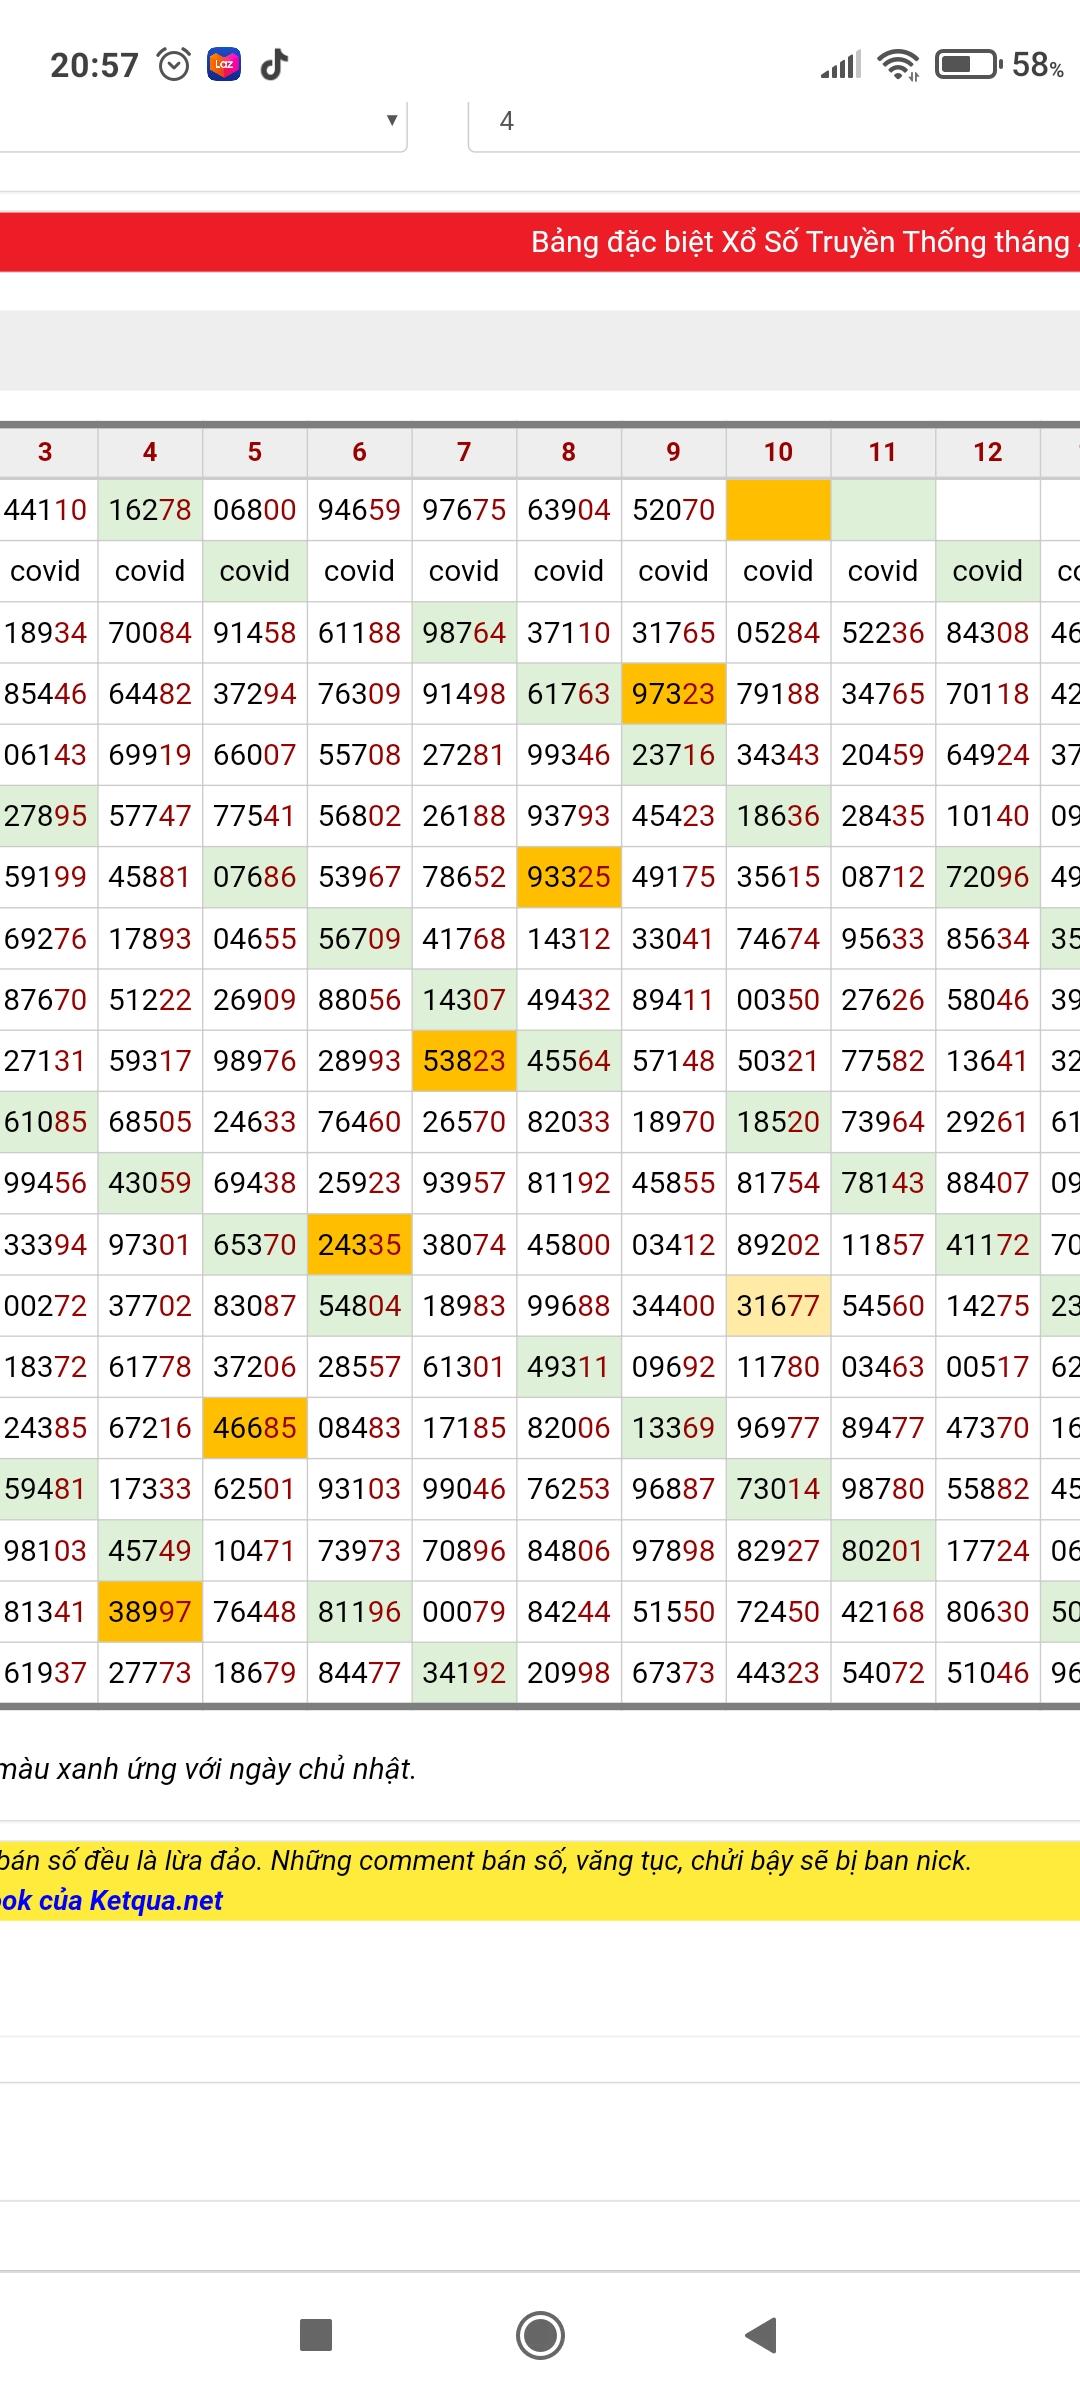 Screenshot_2021-04-09-20-57-26-308_com.android.chrome.jpg